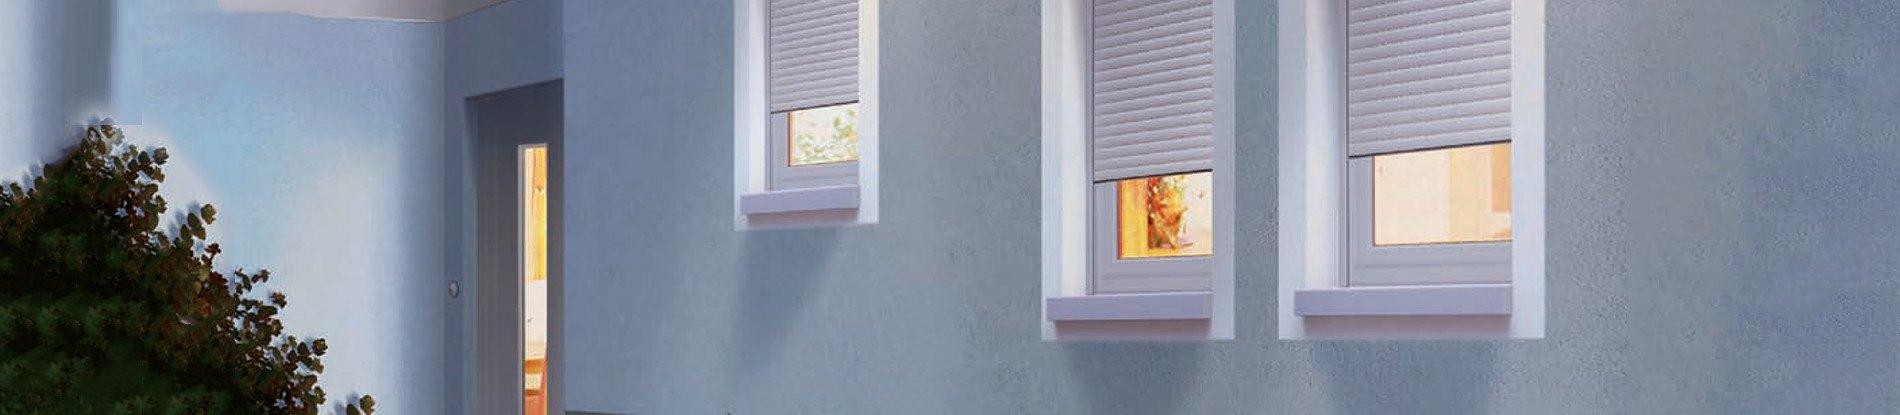 Full Size of Fenster Mit Eingebauten Rolladen Rollladen Preise Kosten Ermitteln Neufferde Zwangsbelüftung Nachrüsten Bett Aufbewahrung Schlafzimmer Komplett Lattenrost Fenster Fenster Mit Eingebauten Rolladen